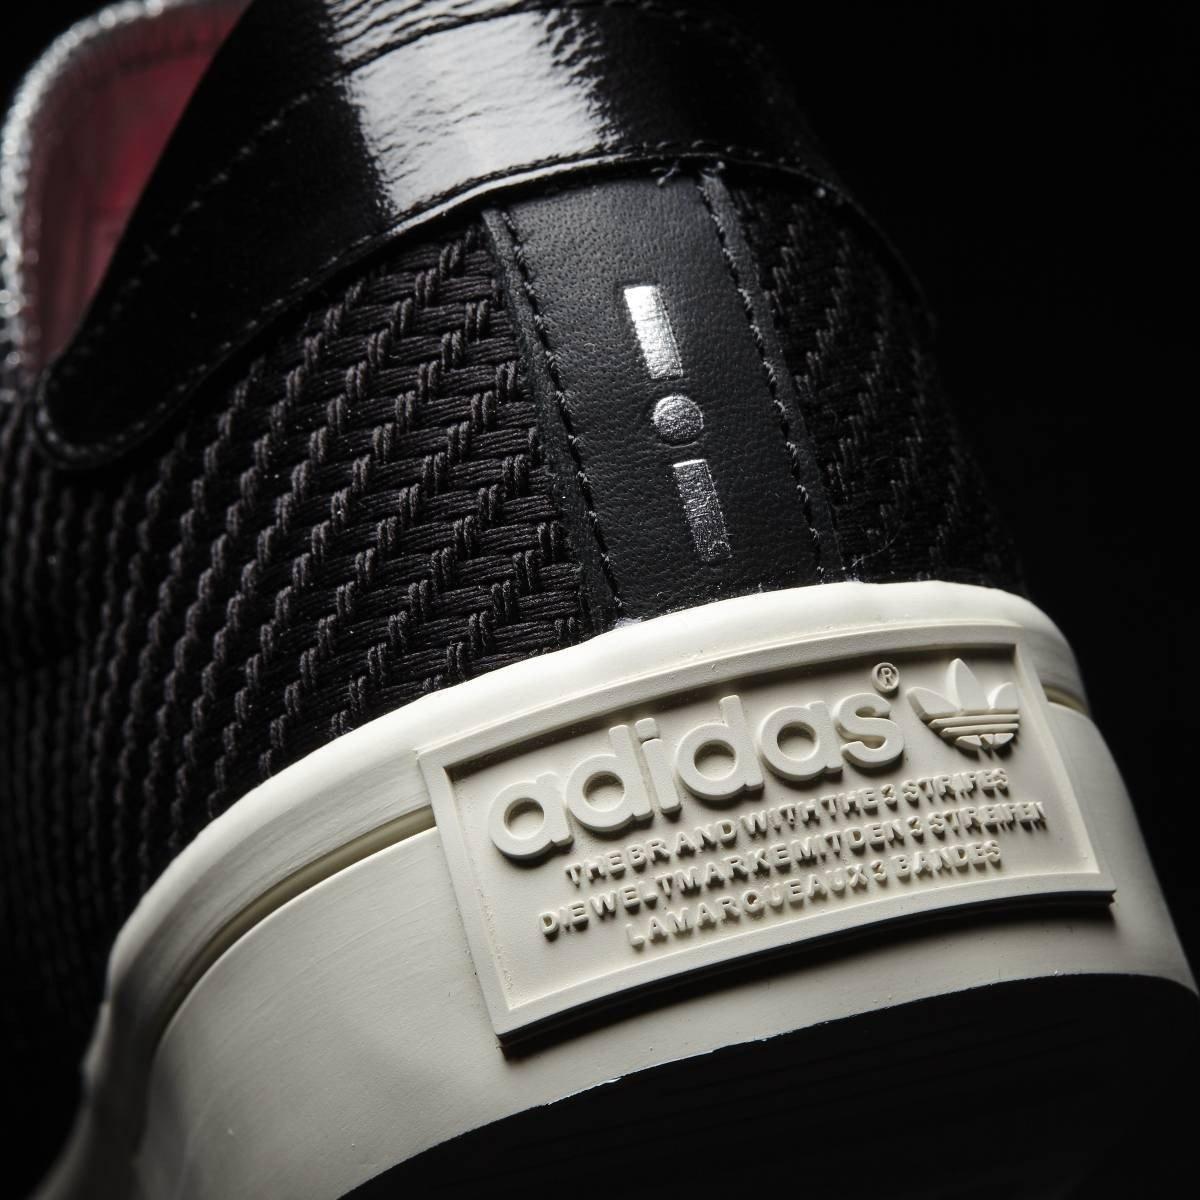 sale retailer 1e548 3041f Scarpe CourtVantage Nero 2016 Adidas Originals Amazon.it Sport e tempo  libero